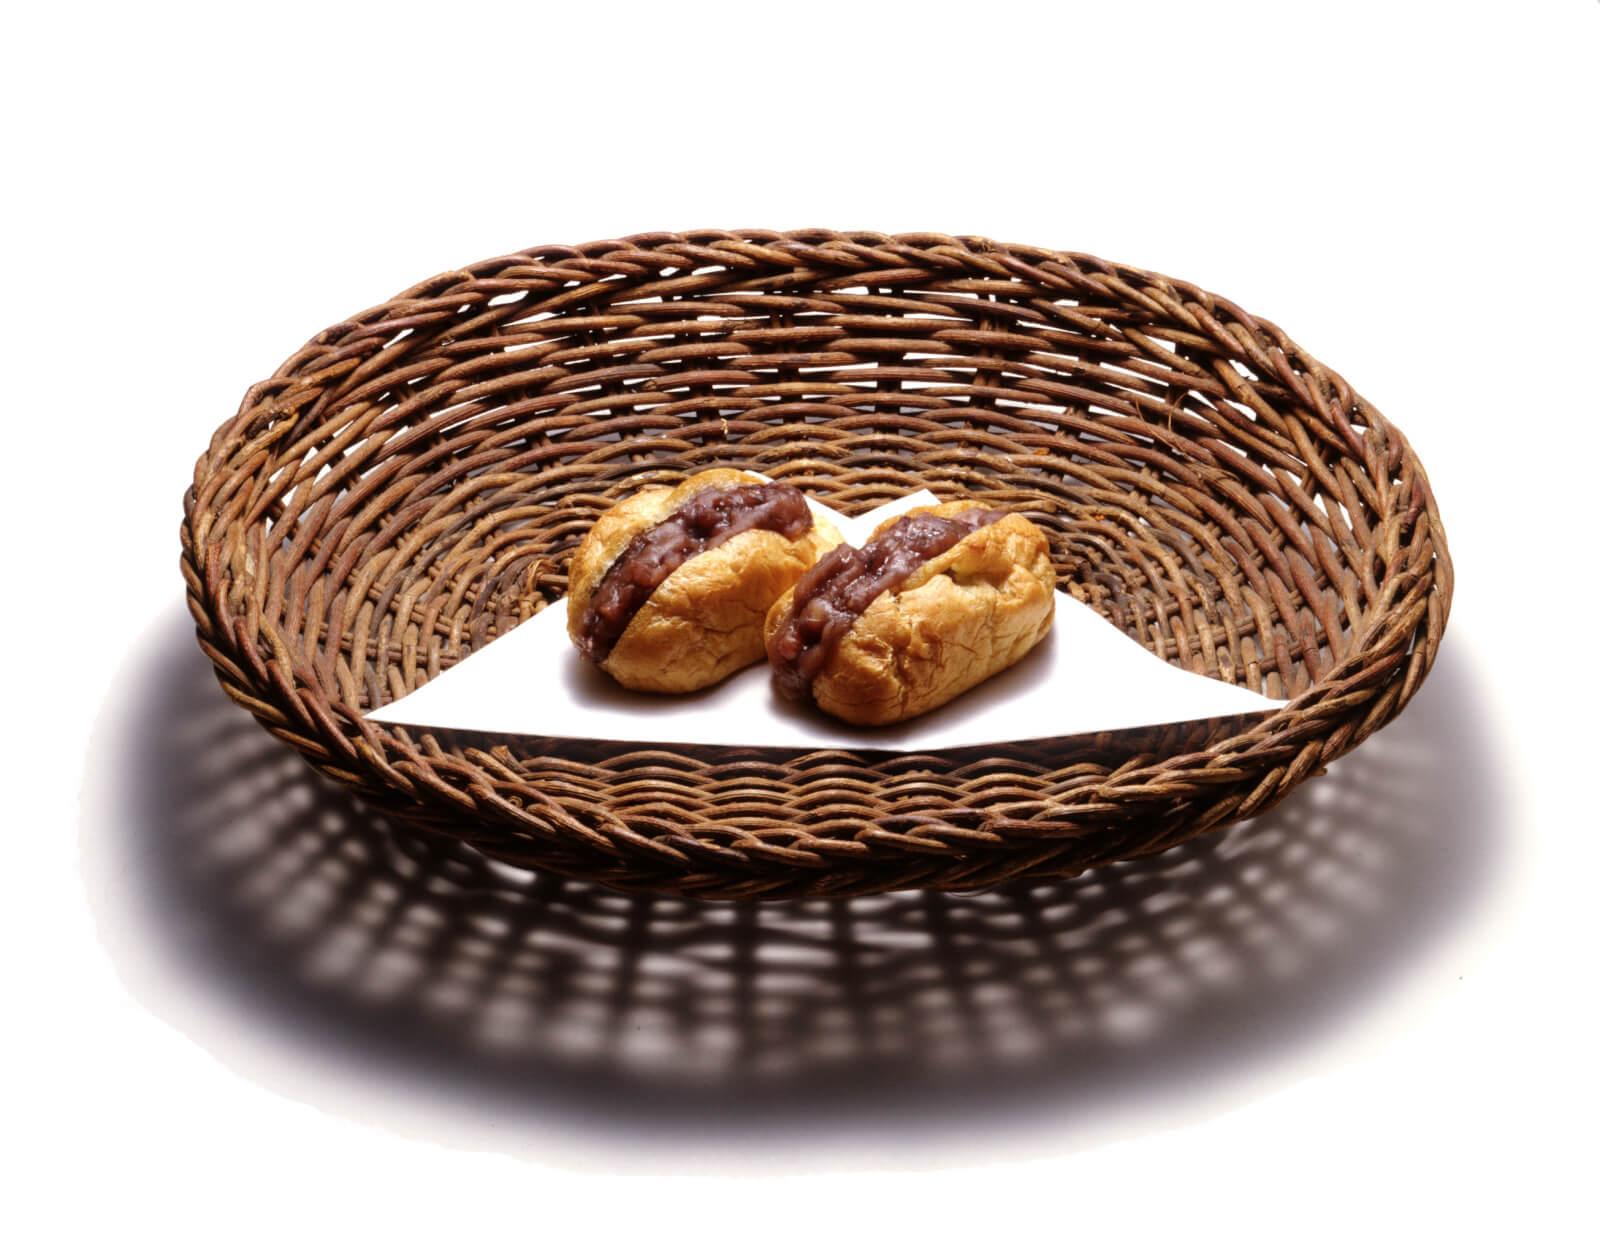 秋の訪れを告げる名物菓子「あけび」のアイキャッチ画像